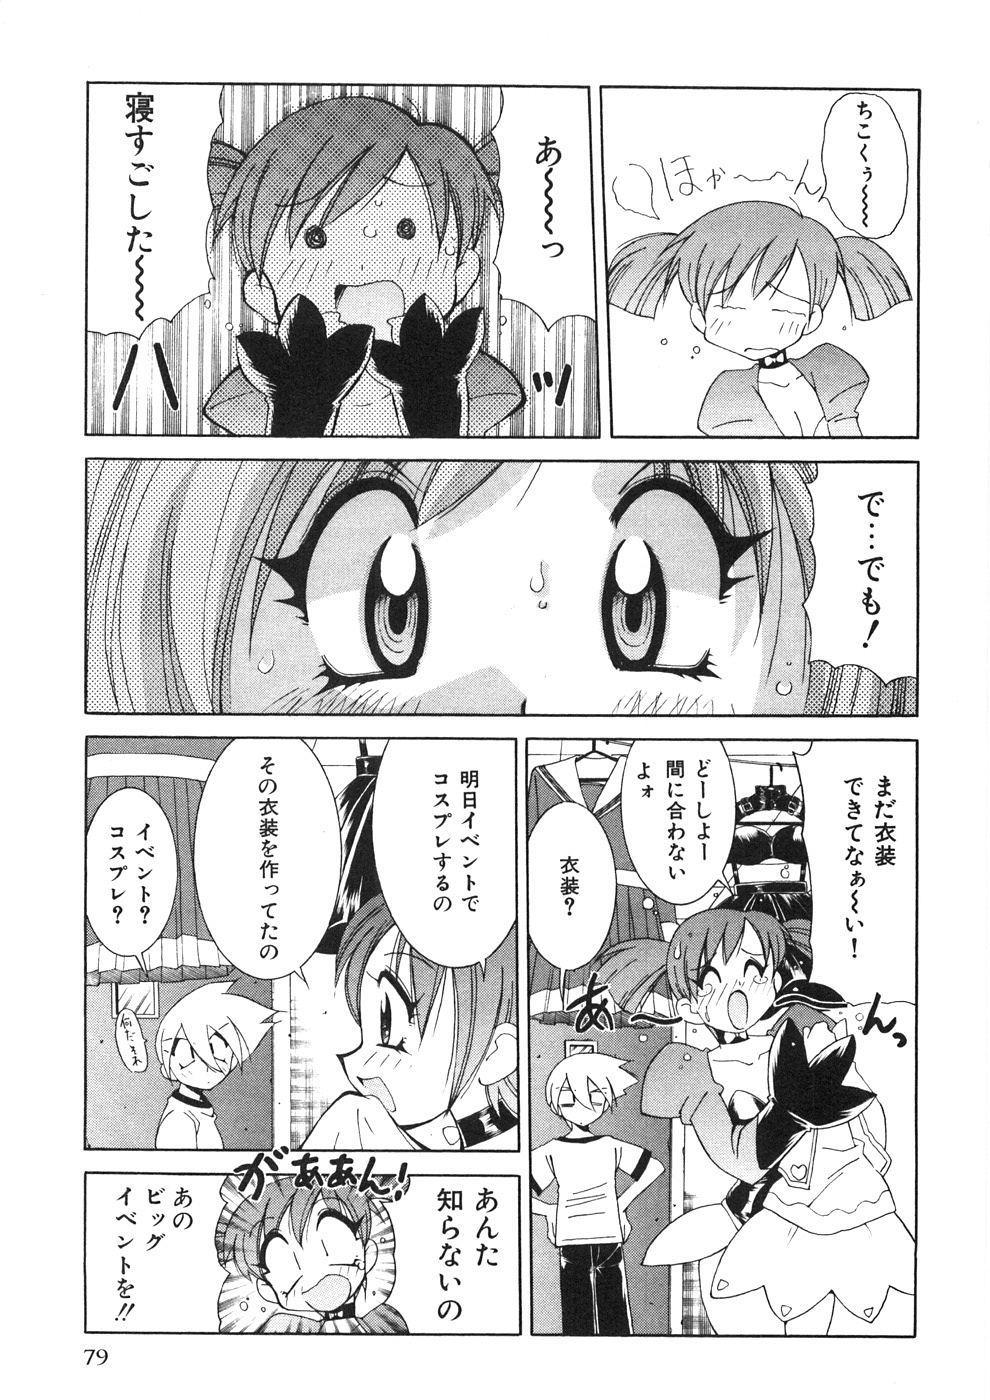 Chichichichi Banban 83